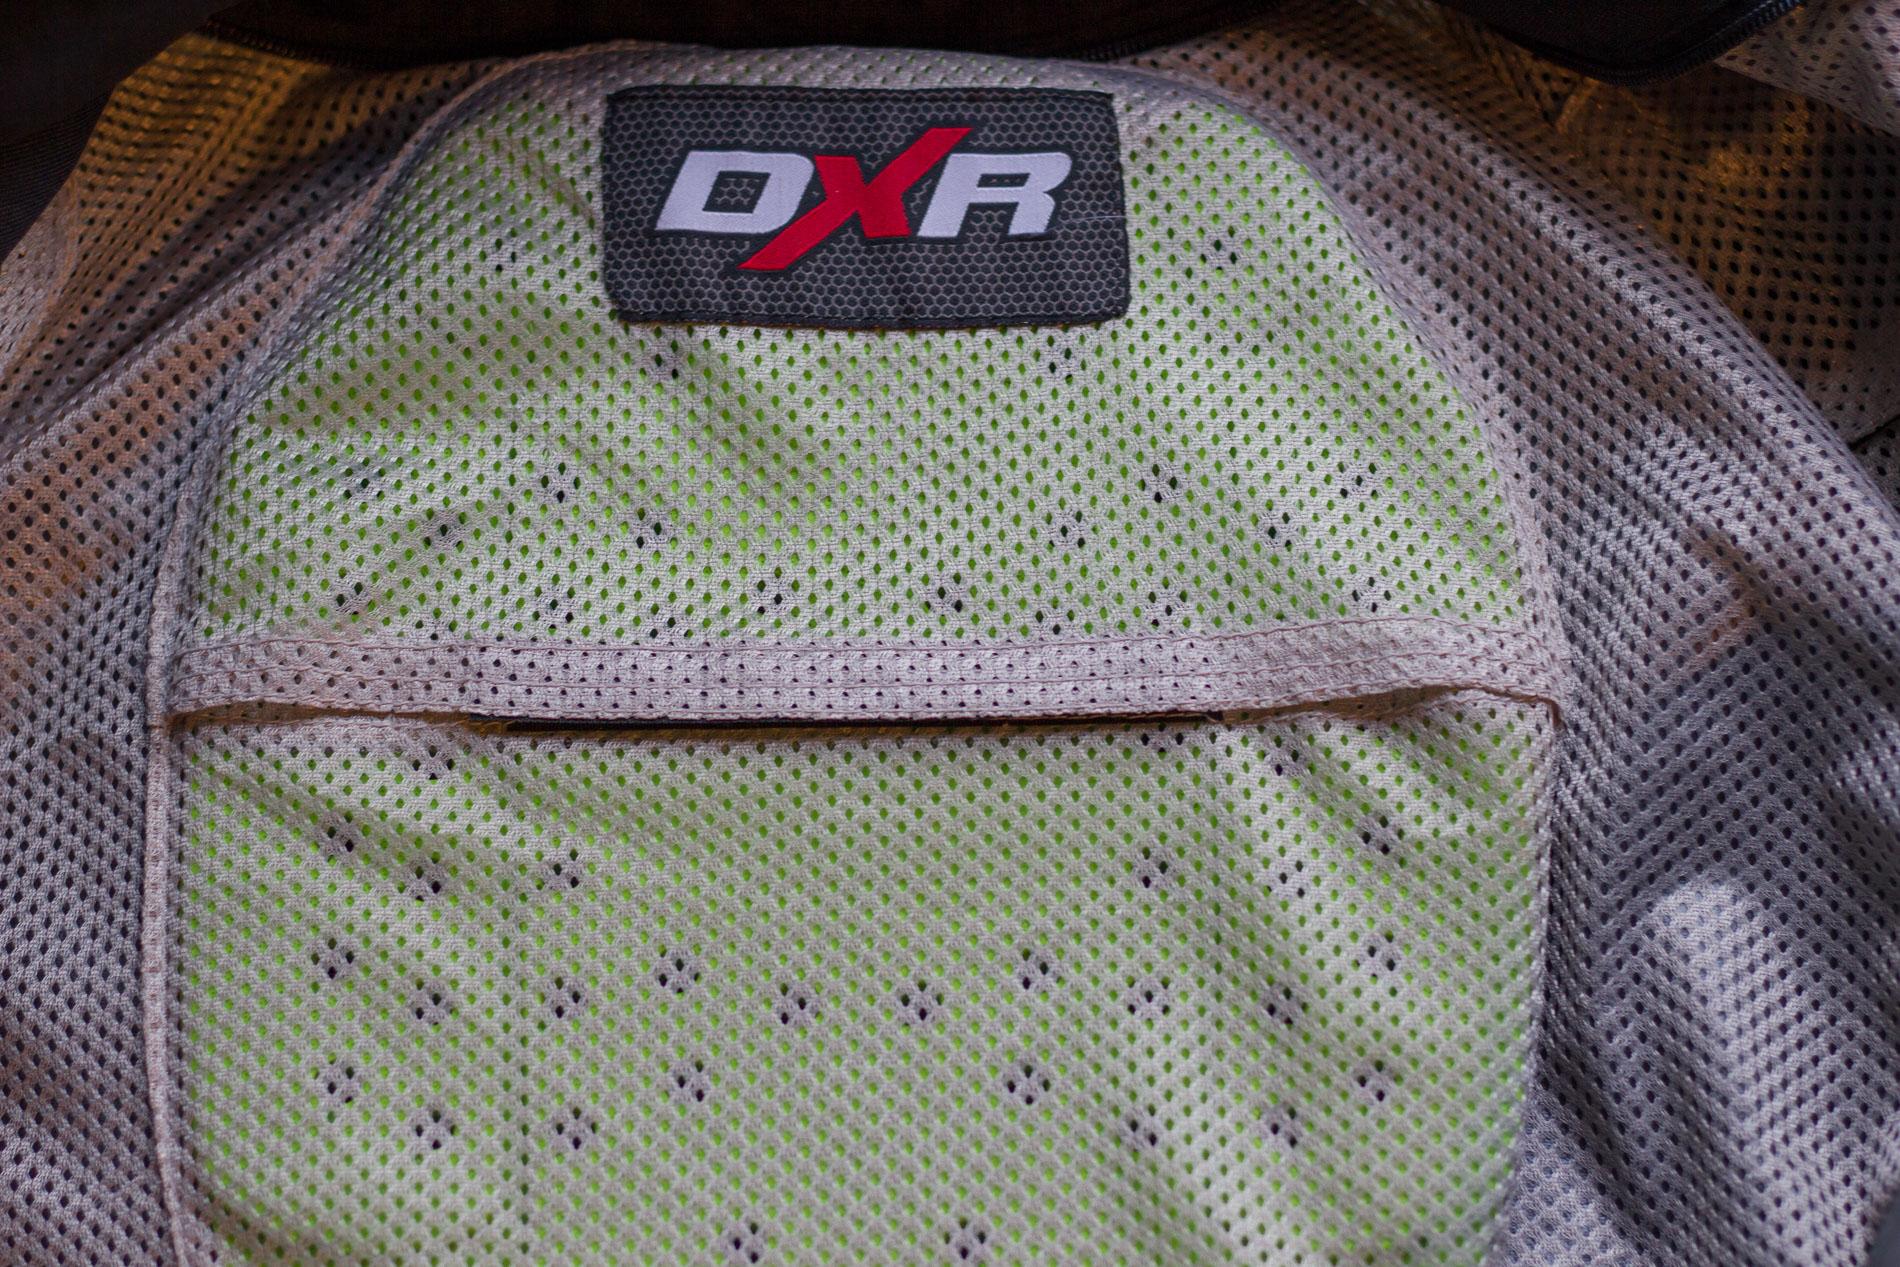 Sans surprise, la dorsale DXR Back Protector s'intègre parfaitement dans la veste DXR Roadtrip